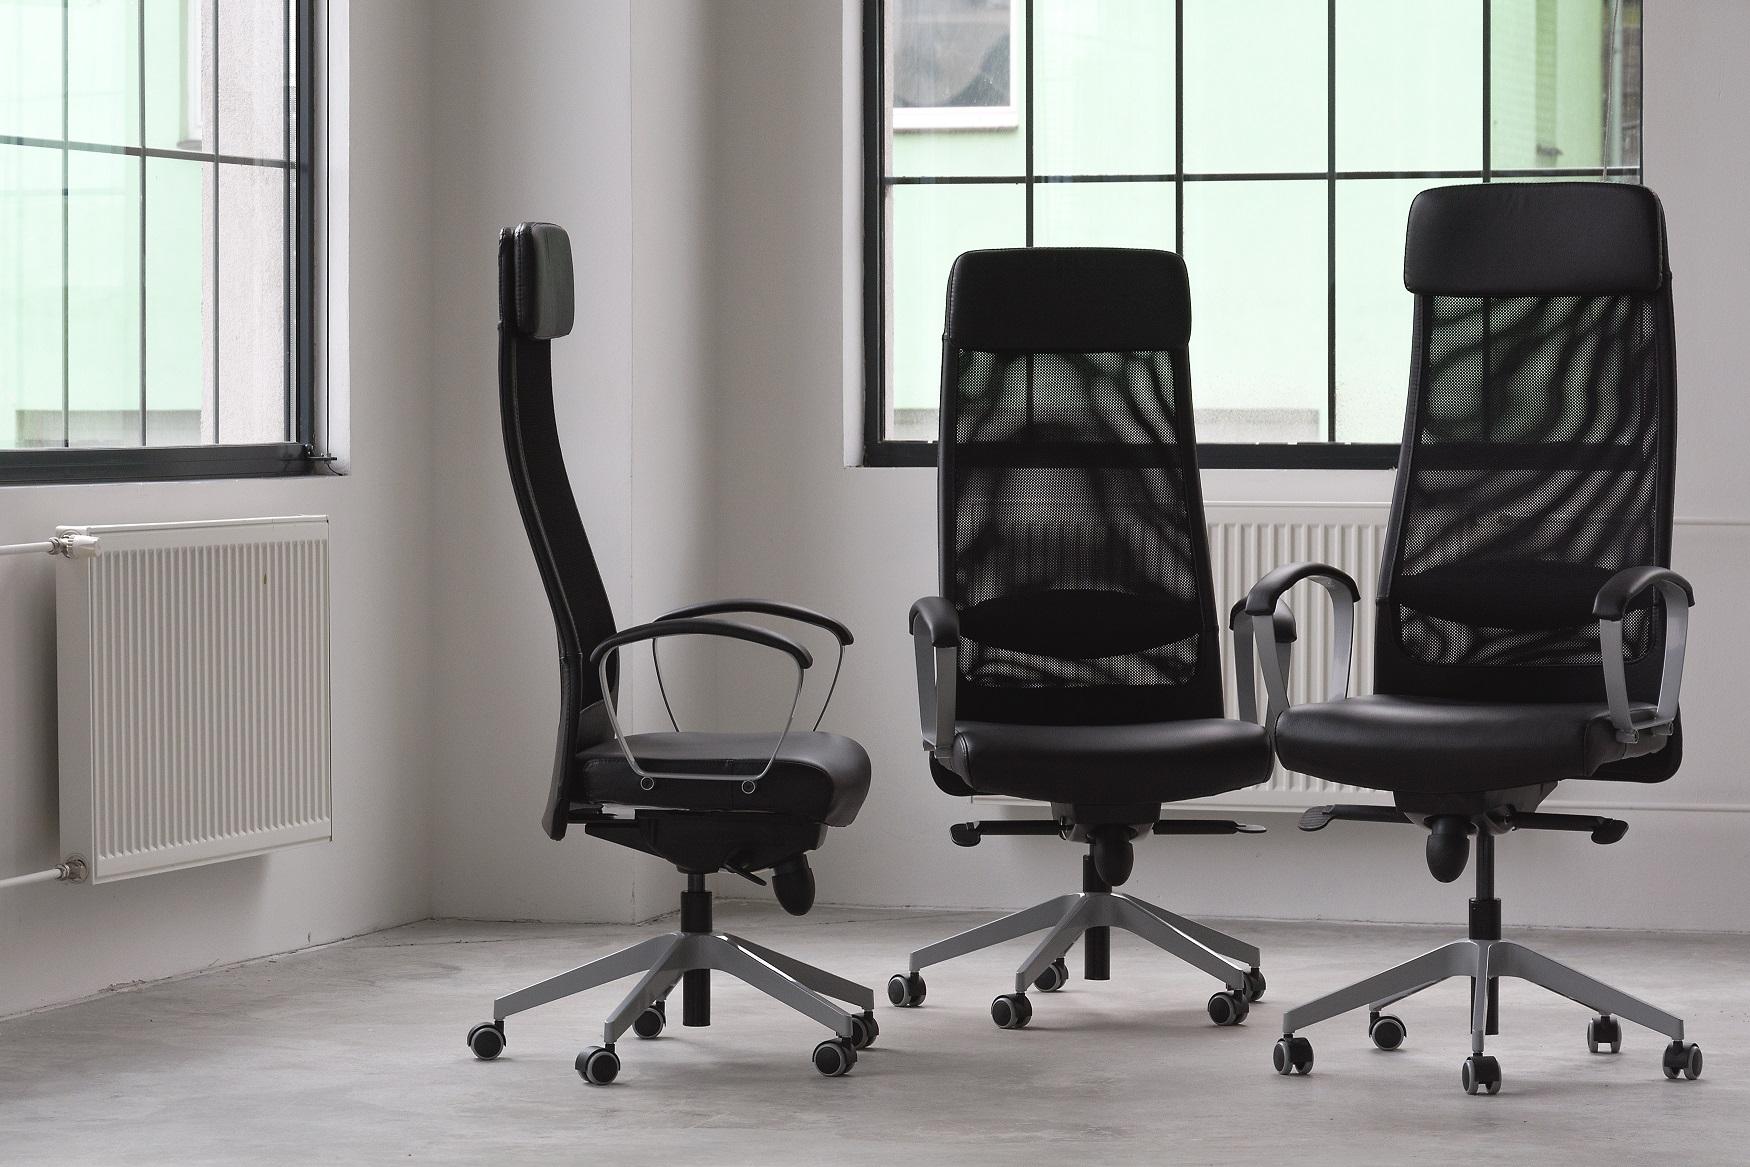 sedia da ufficio regolabile in altezza